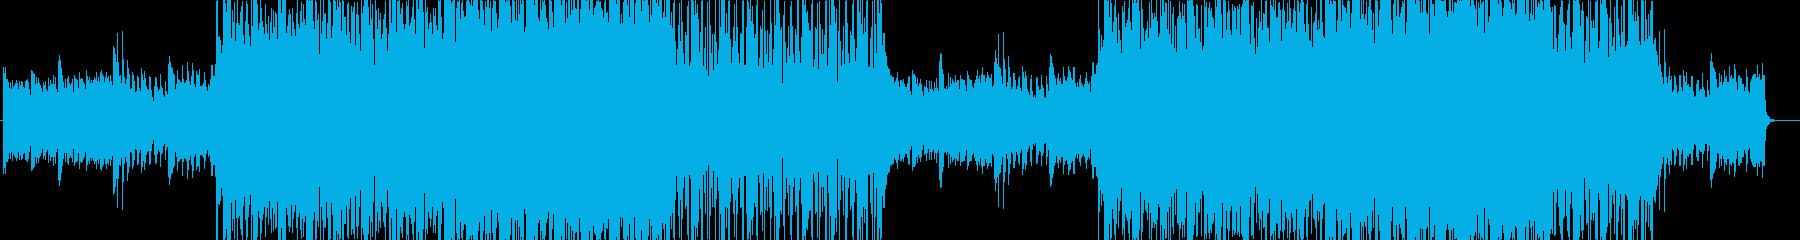 ピアノ主体のテクスチャー曲の再生済みの波形